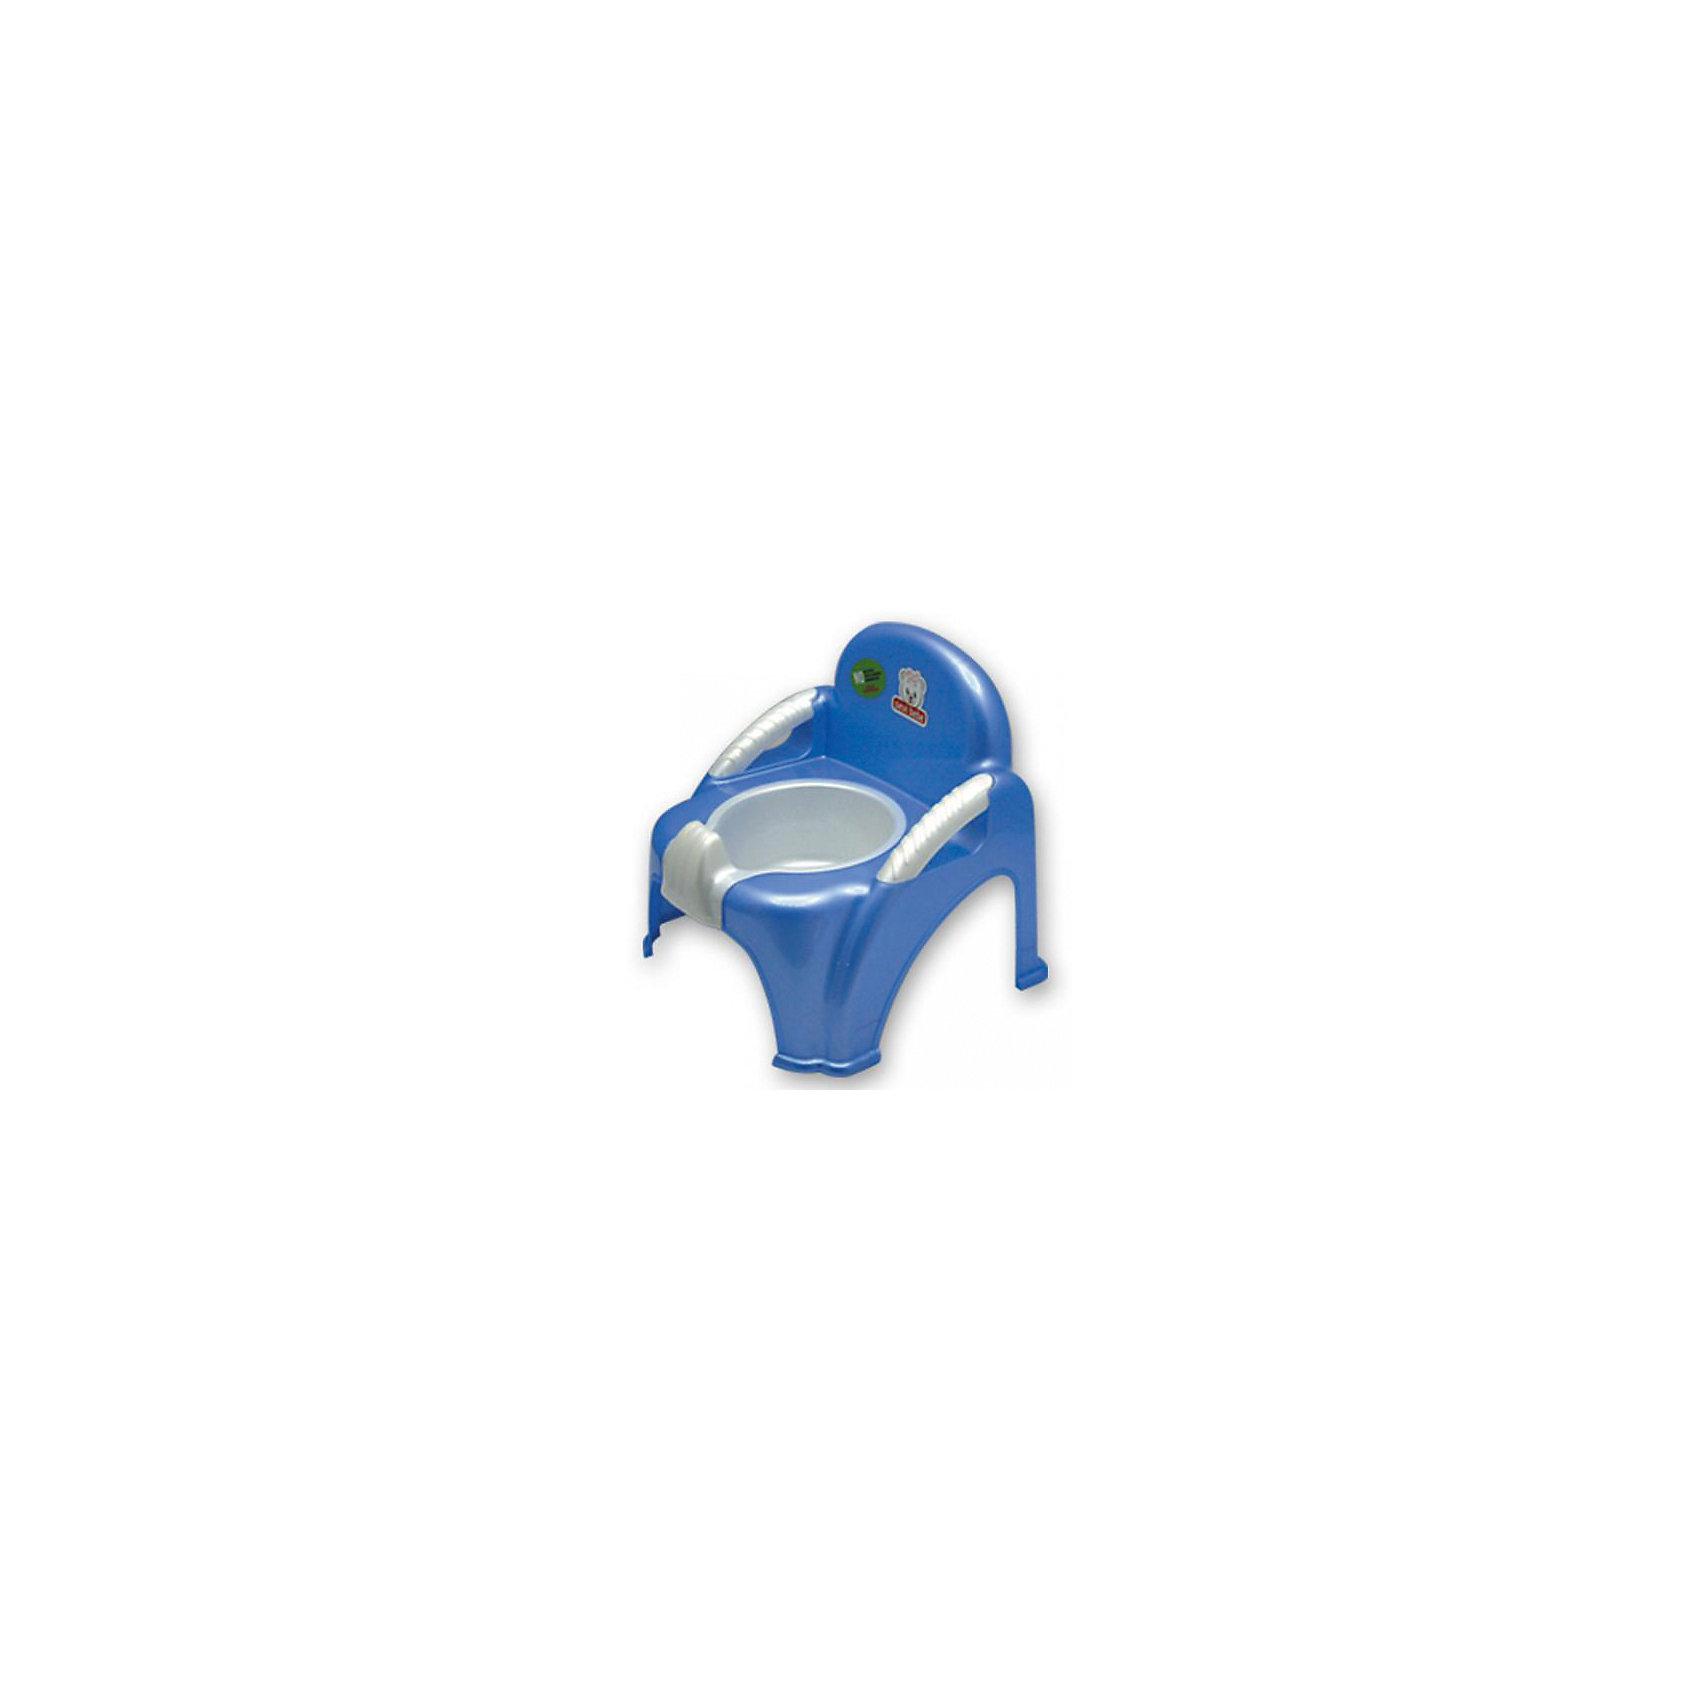 Горшок-стульчик Sevi baby, голубой